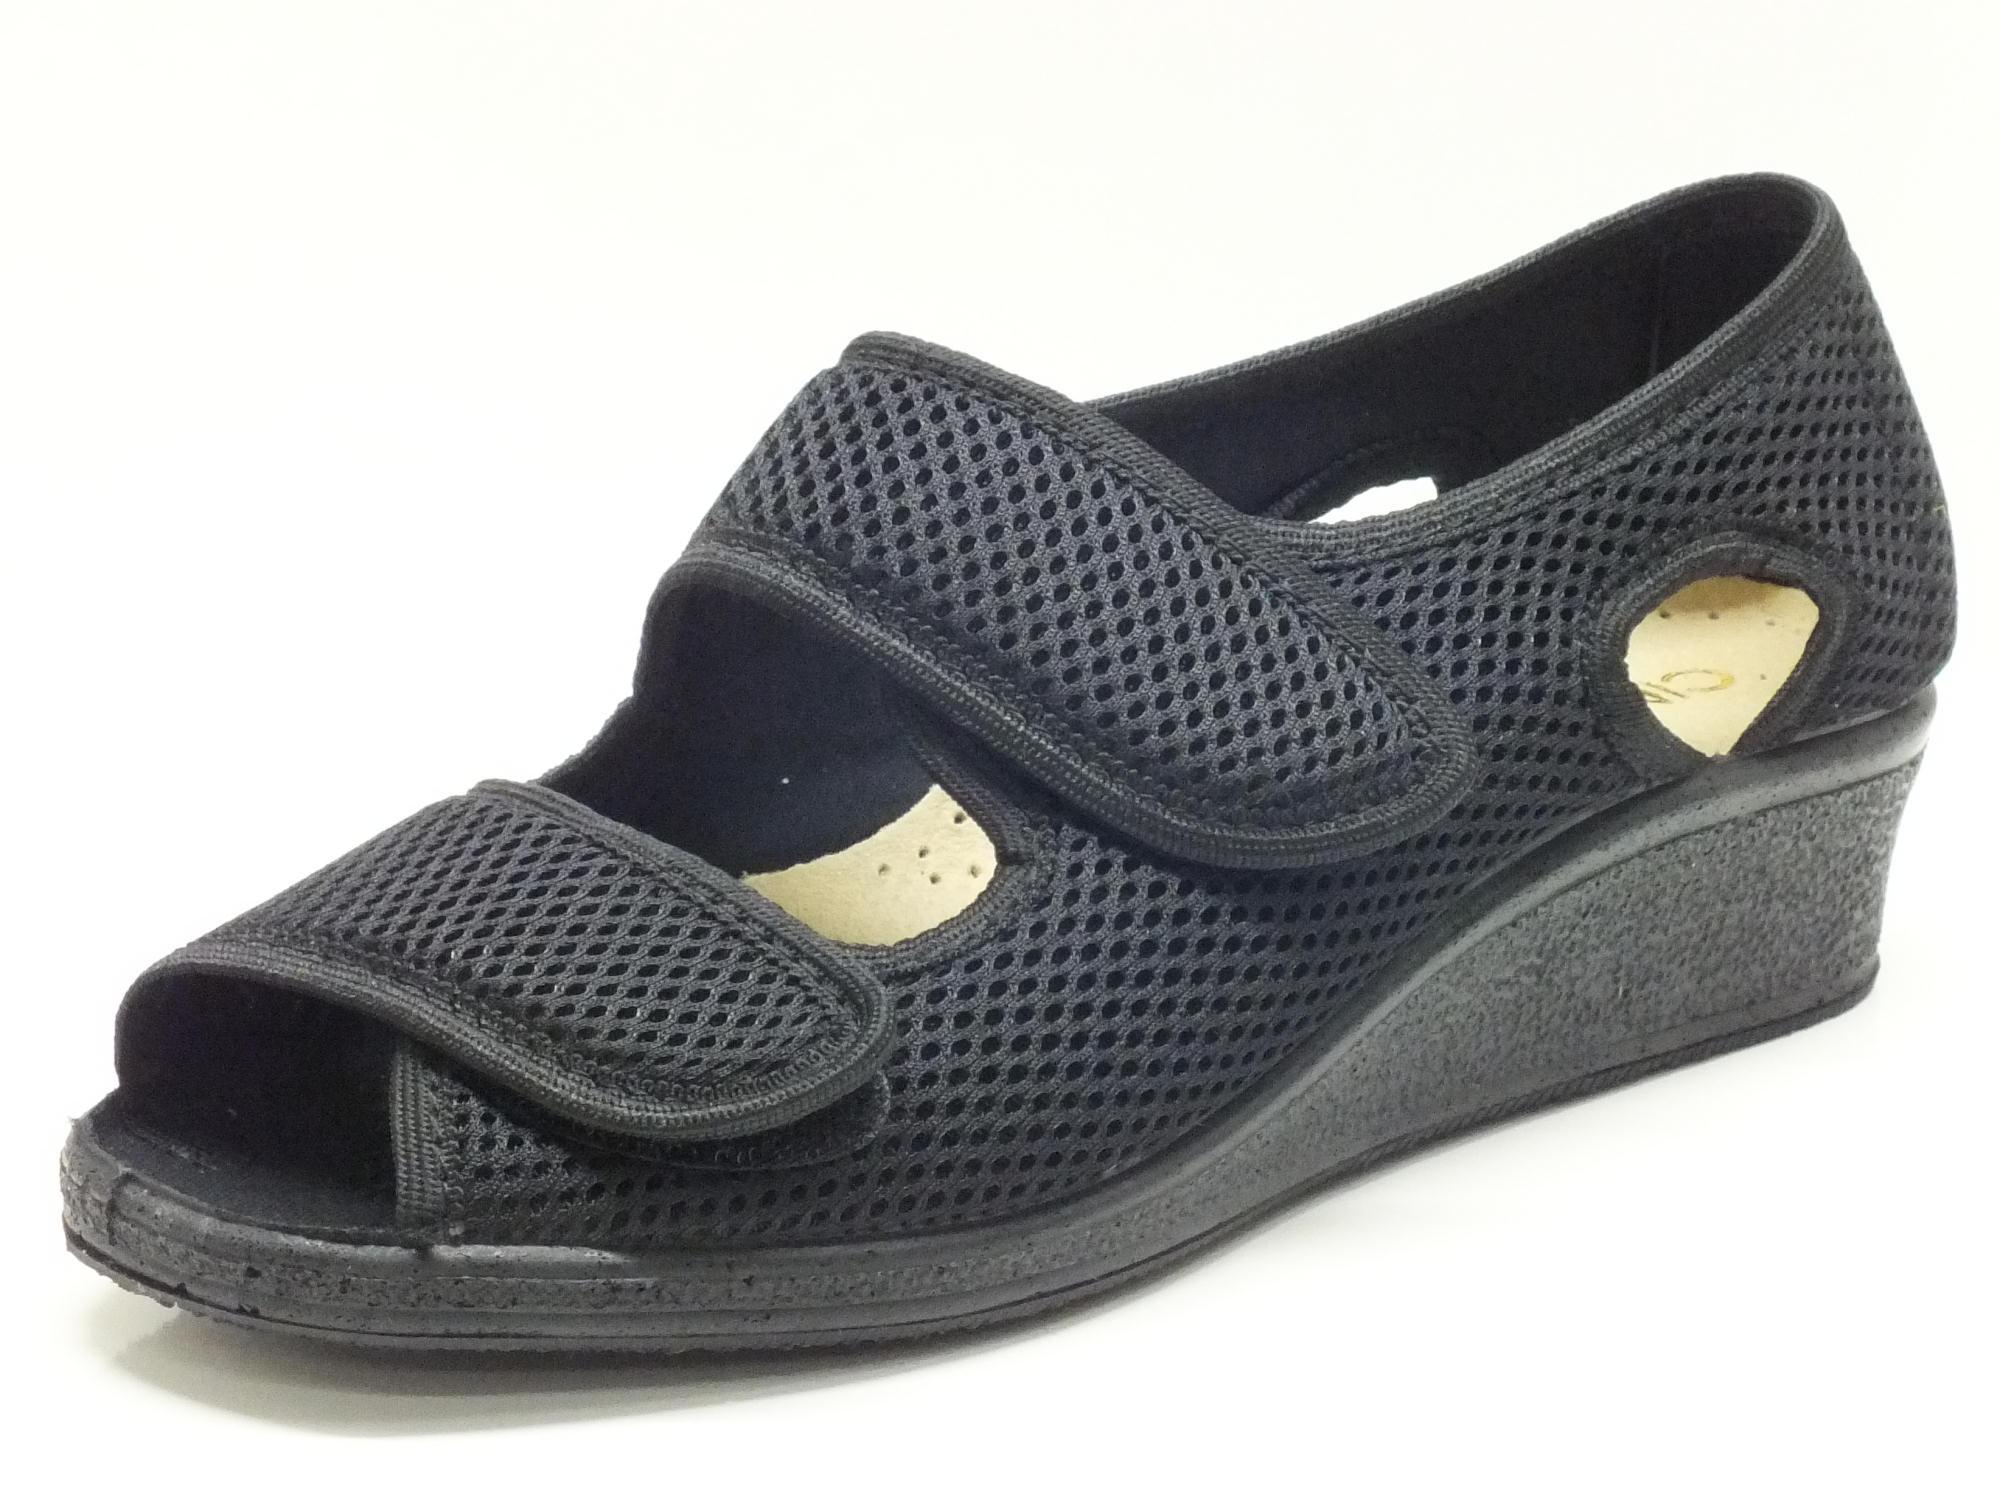 Scarpe Cinzia Soft indicate esigenze di calzata comoda - Vitiello ... f4762ea2523